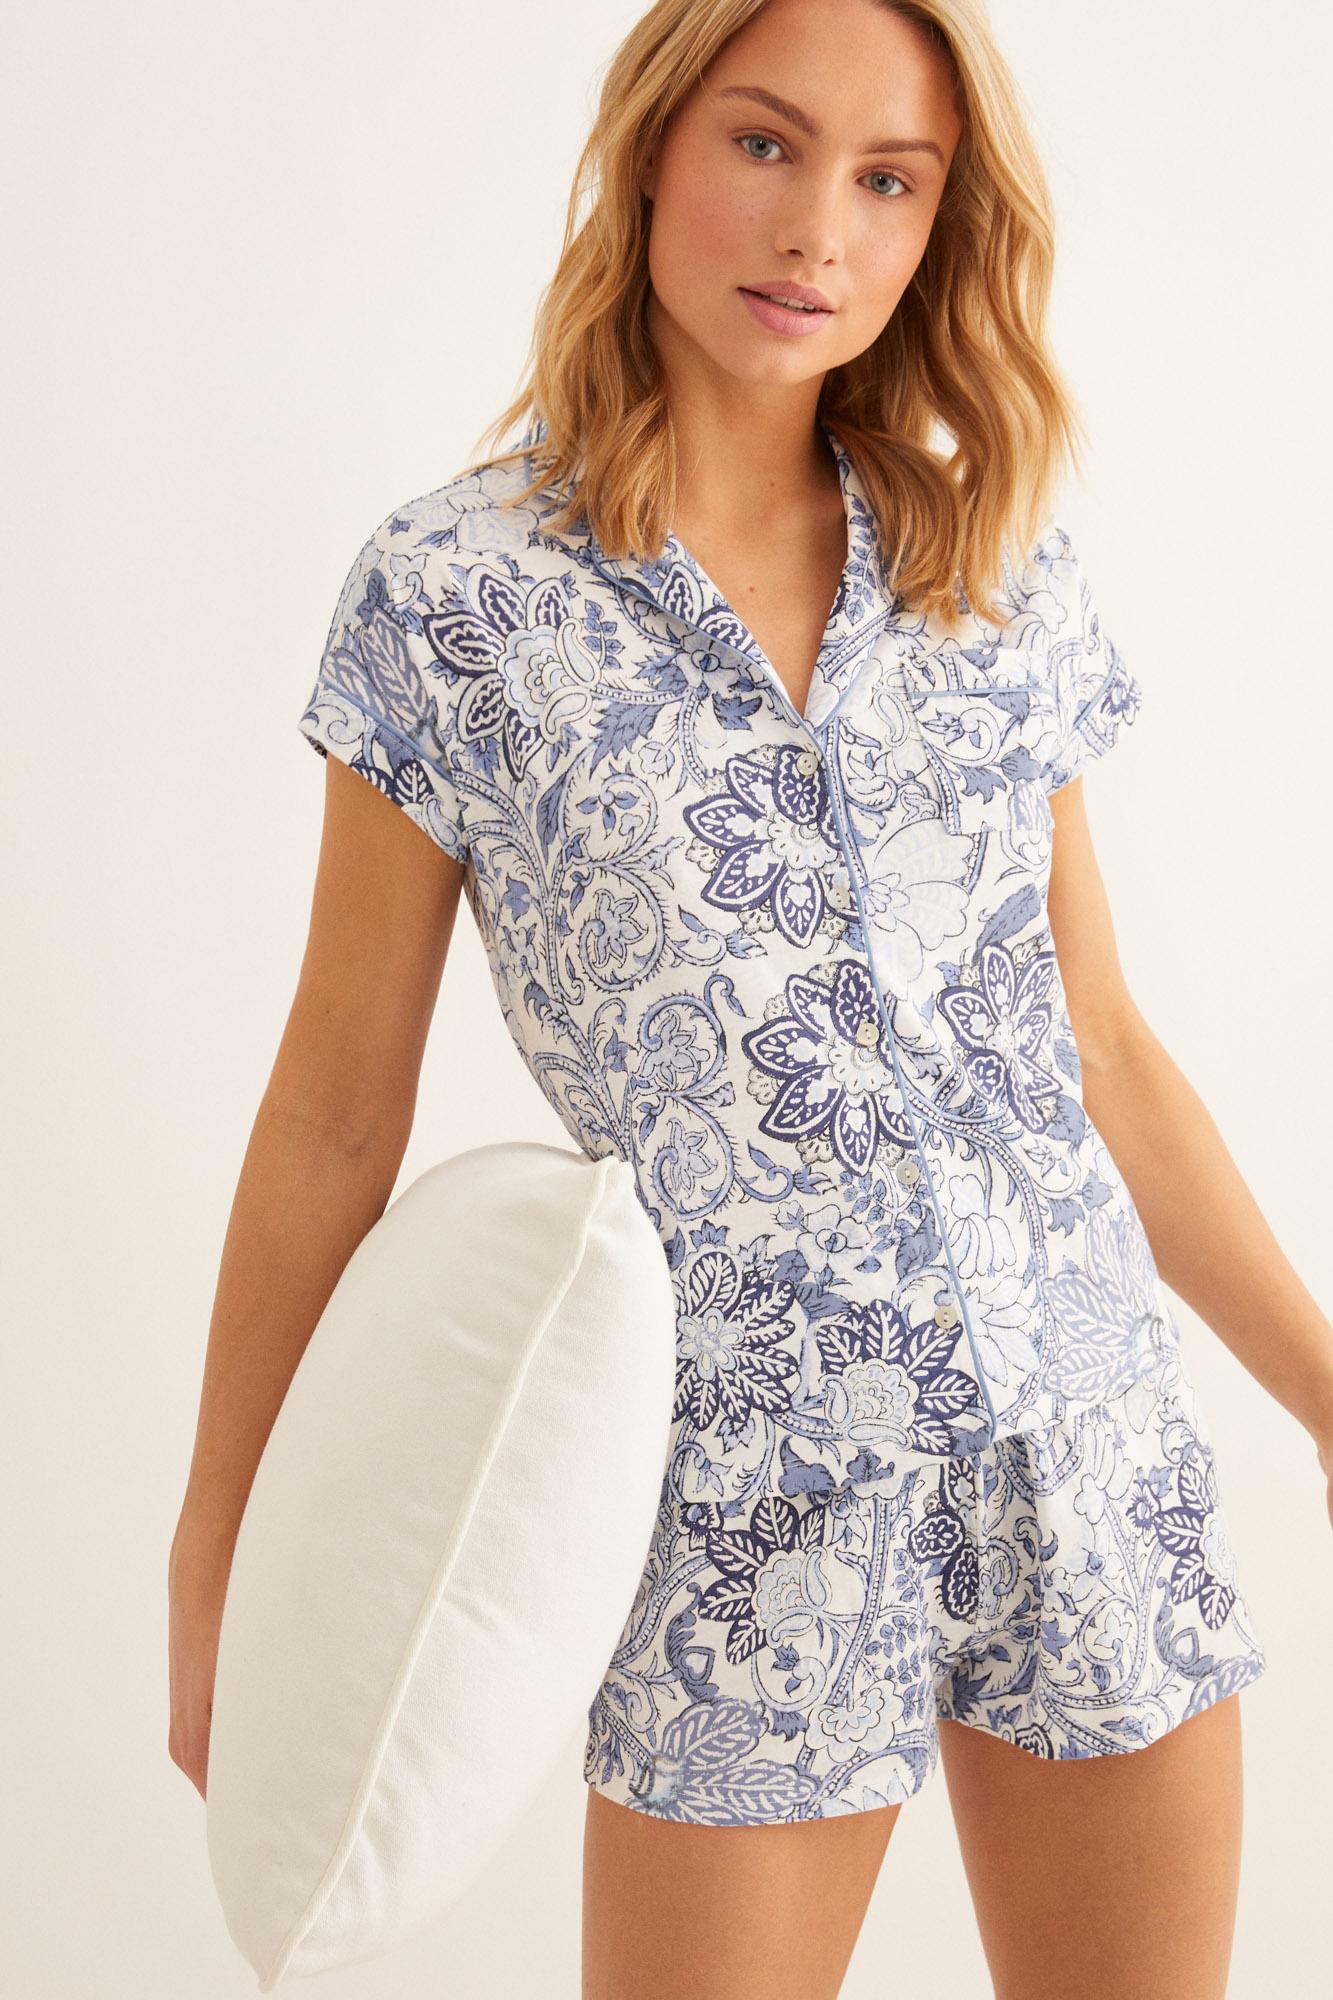 Pijama corto camisero floral   Pijamas cortos   Women'secret